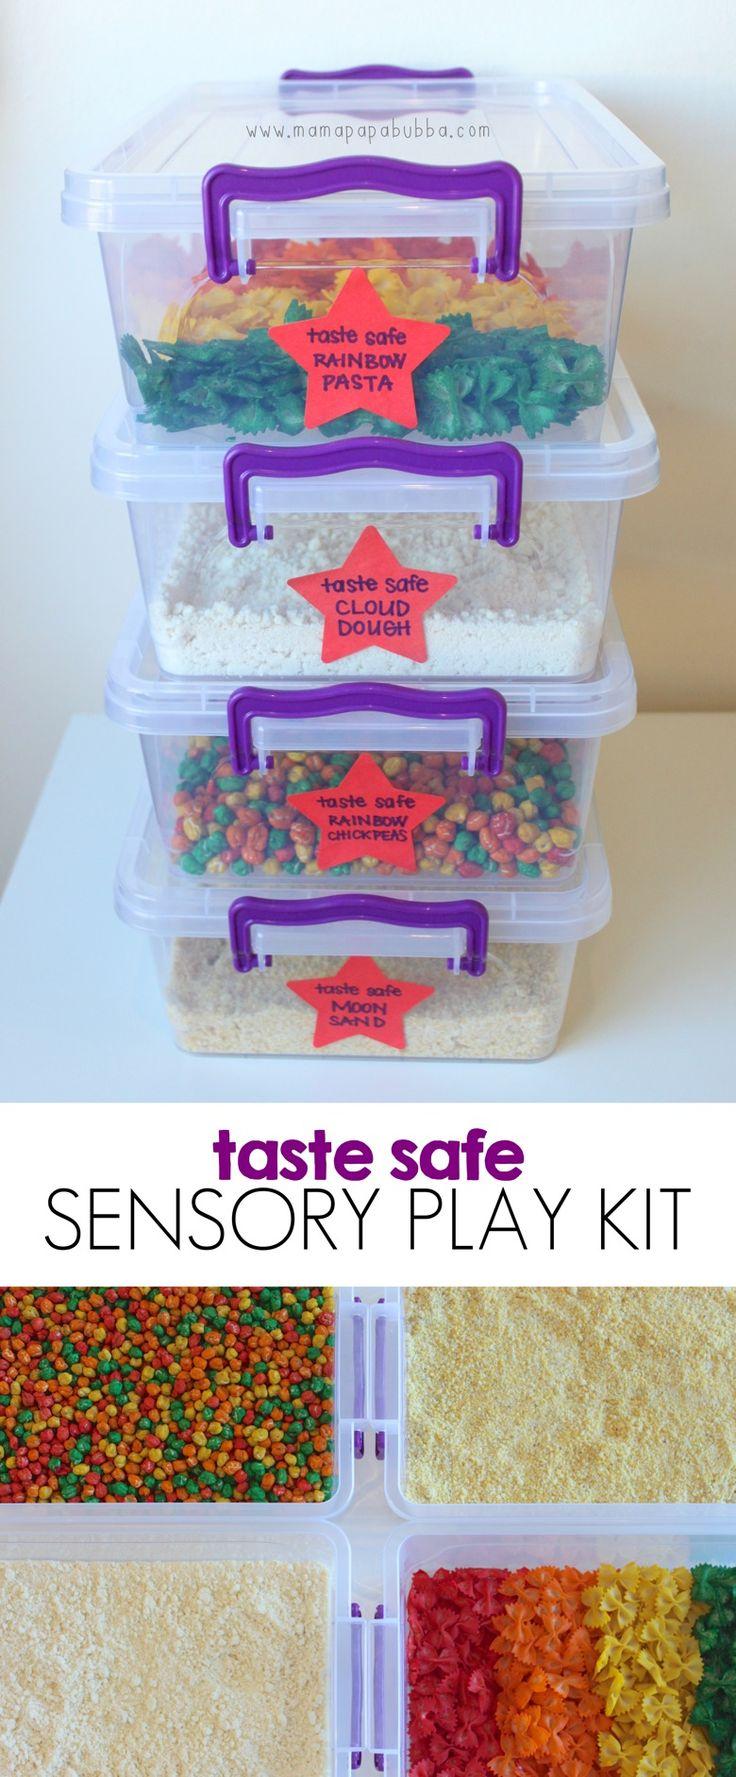 Taste Safe Sensory Play Kit | Mama.Papa.Bubba.